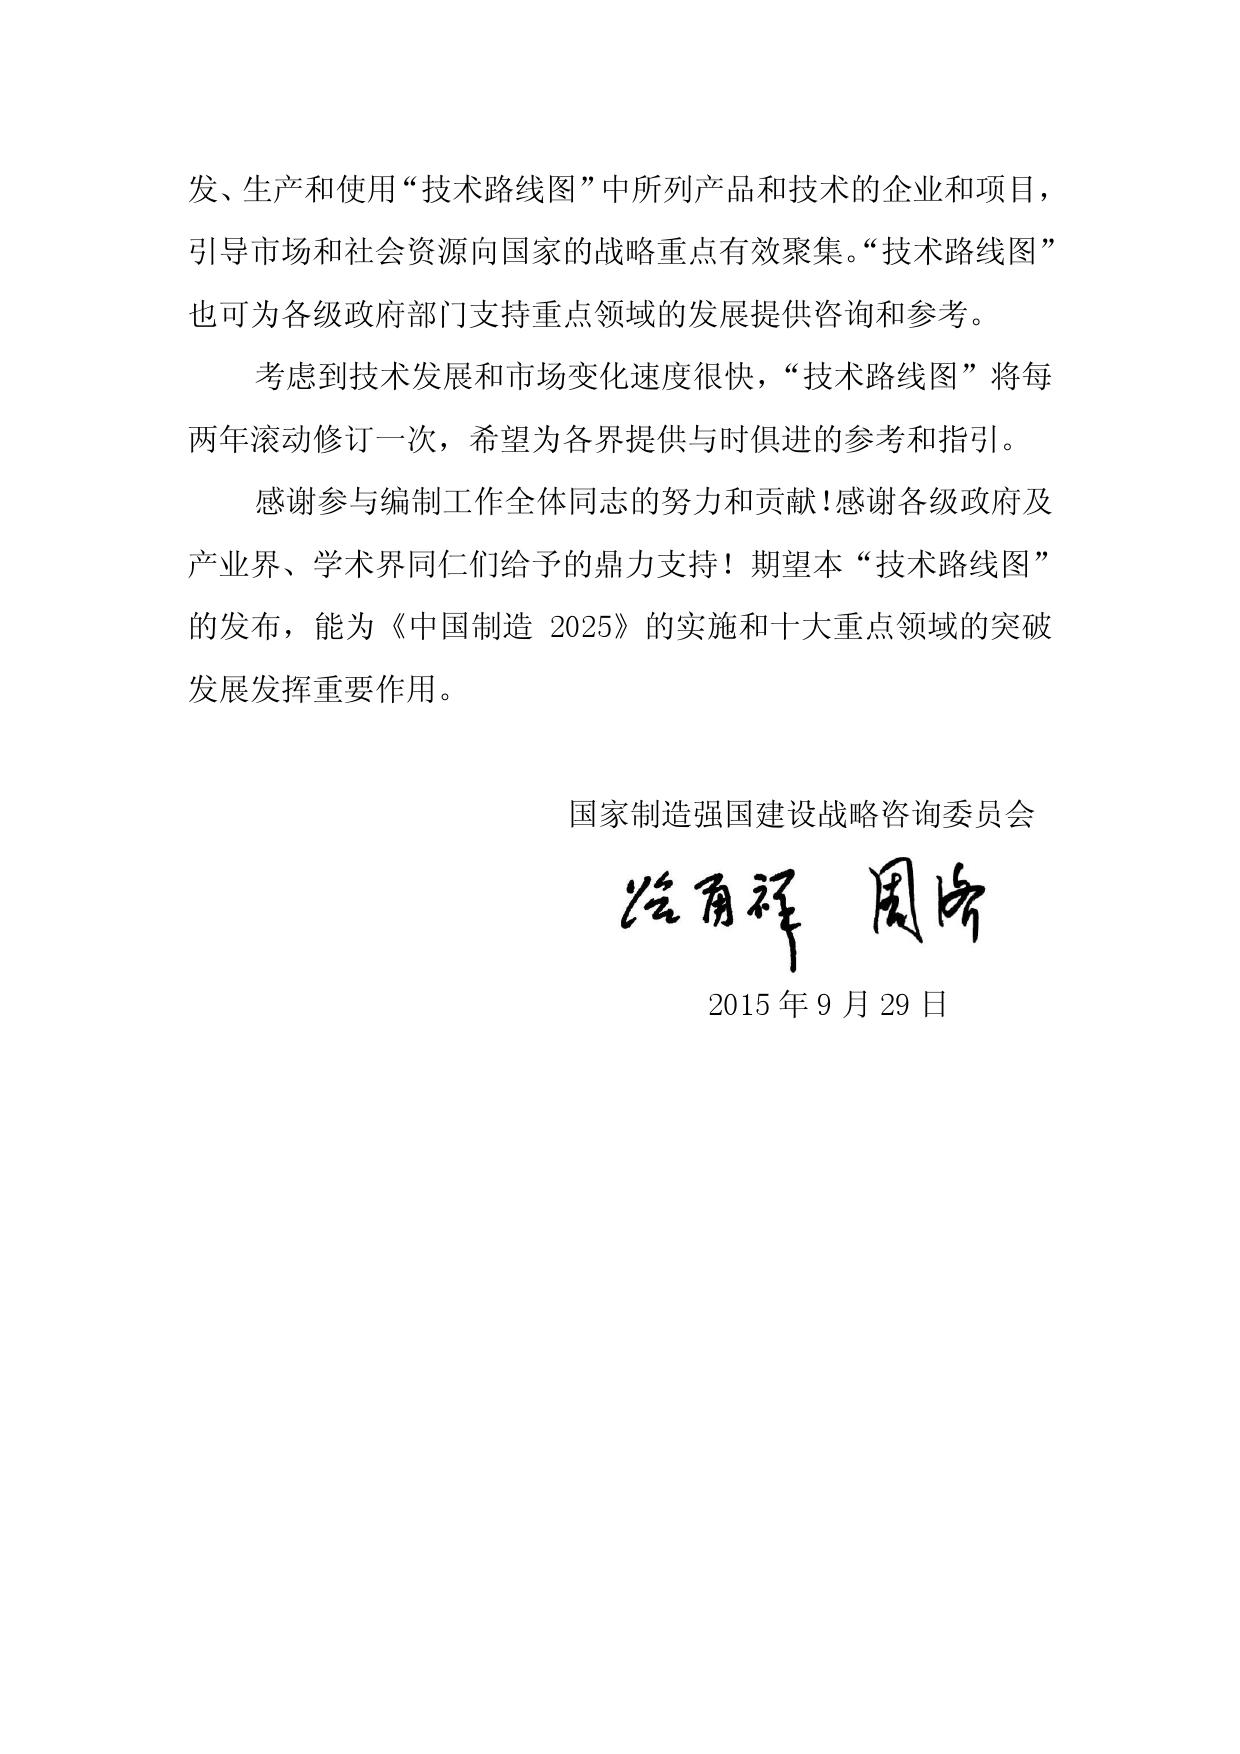 《中国制造 2025》重点领域技术路线图_000004